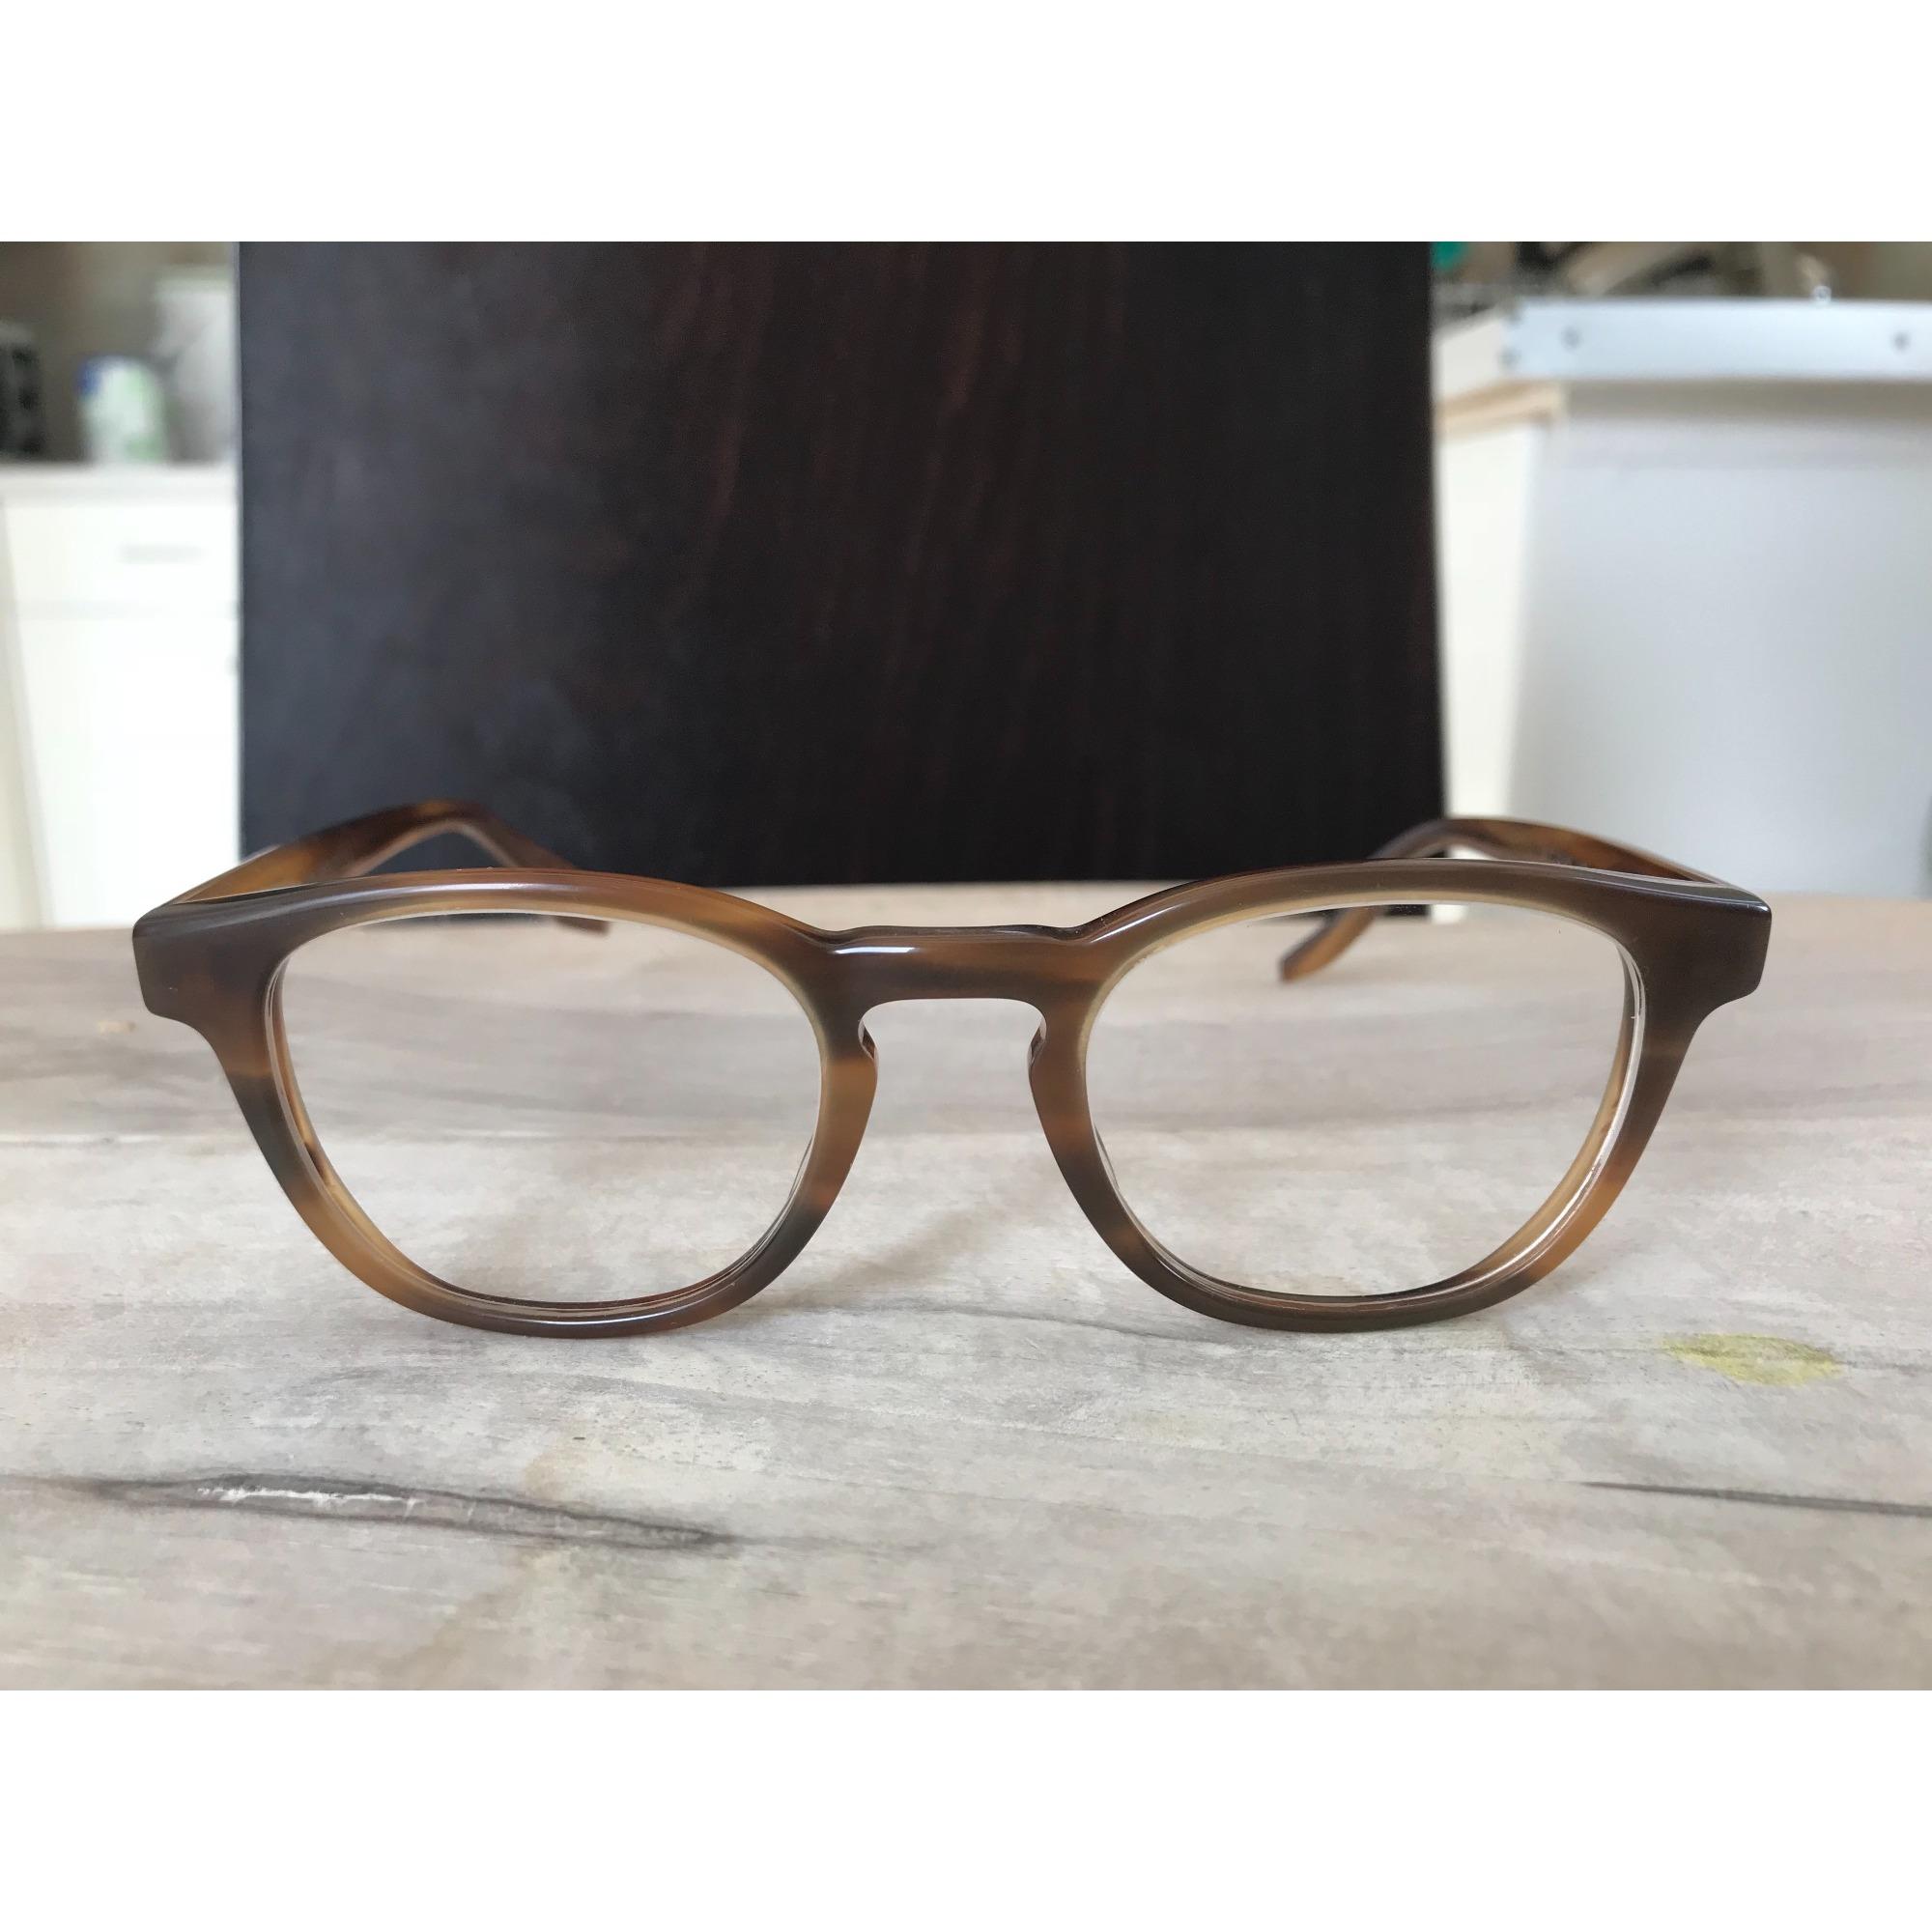 Monture de lunettes BARTON PERREIRA marron vendu par Revergio - 8117700 a542baa49408